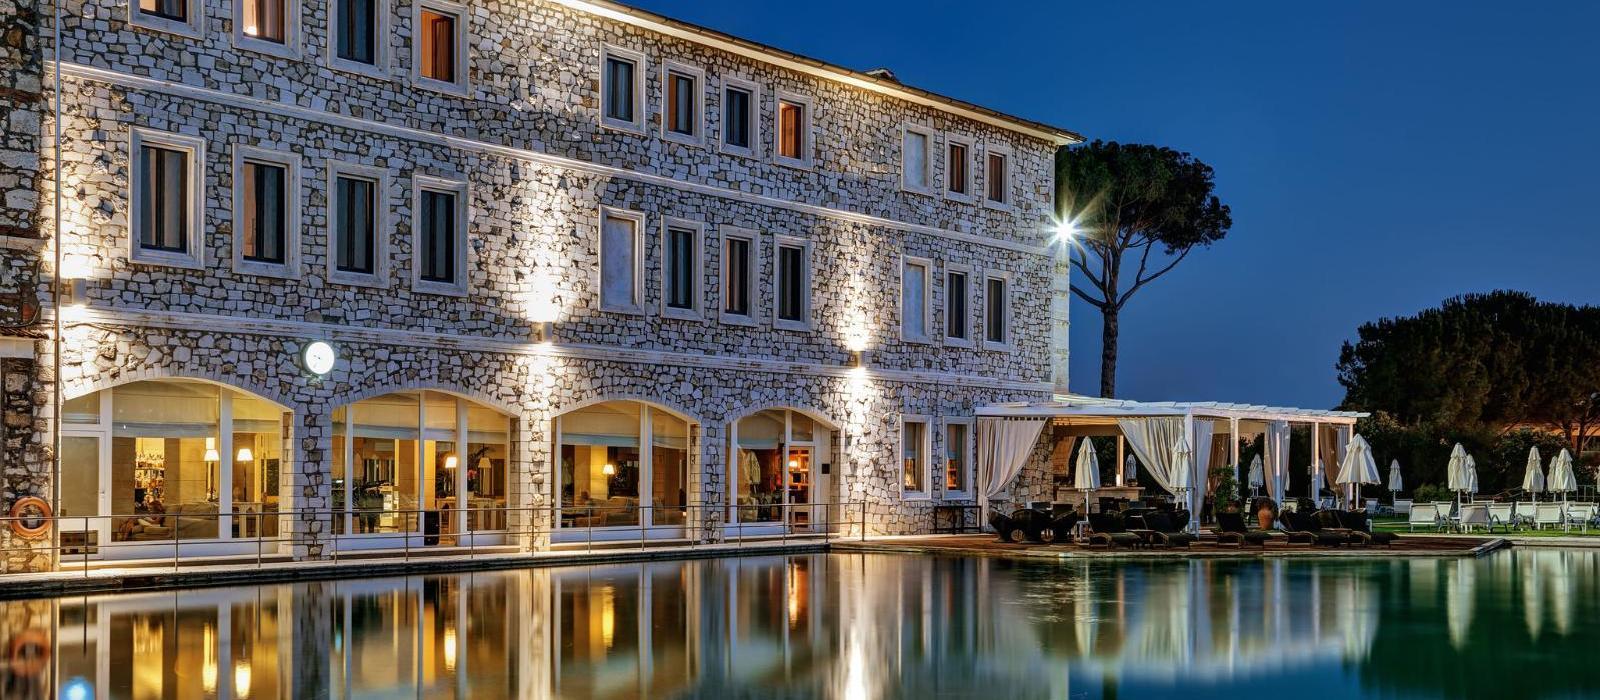 萨图尼亚温泉水疗高尔夫度假酒店(Terme di Saturnia Spa & Golf Resort) 图片  www.lhw.cn